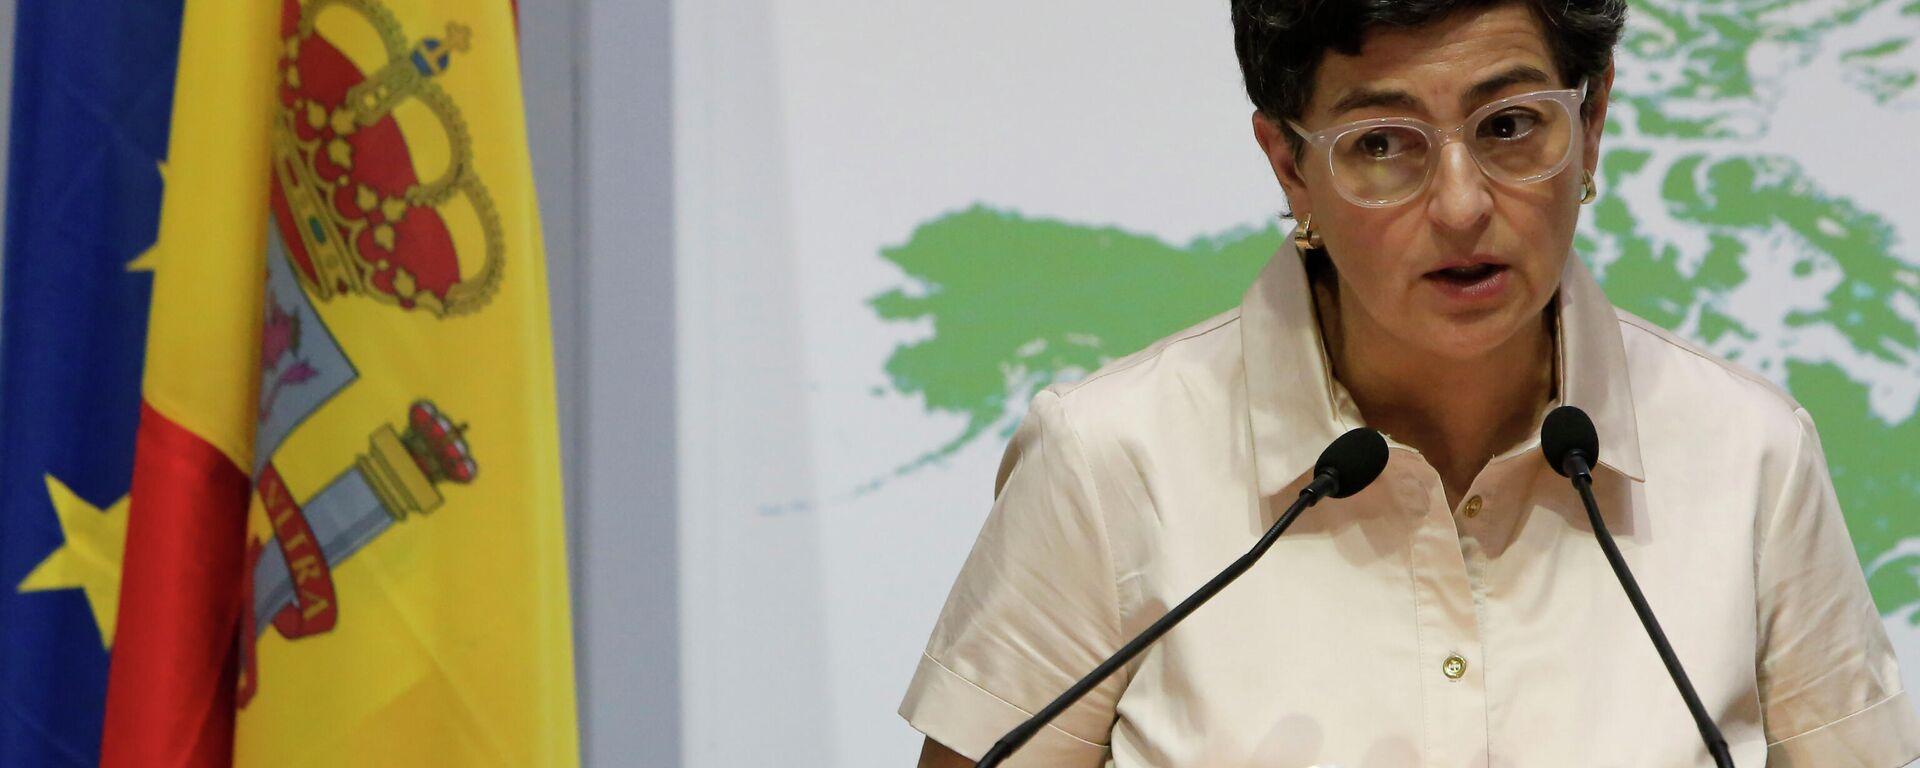 Arancha González Laya, ministra de Asuntos Exteriores de España - Sputnik Mundo, 1920, 23.09.2021